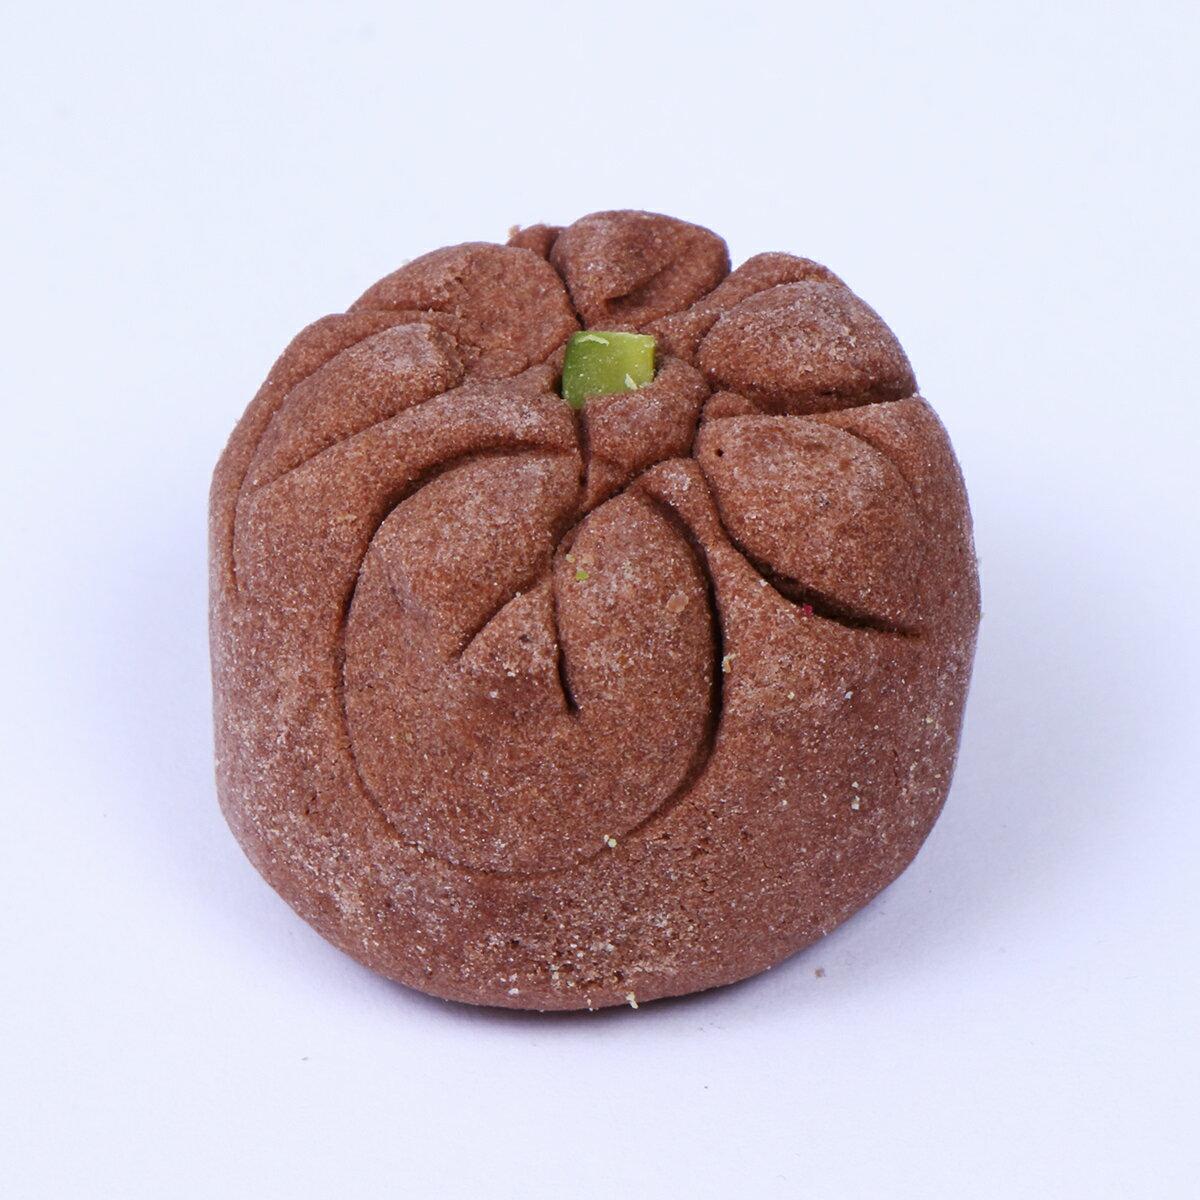 クッキー・焼き菓子, 各種クッキー・焼き菓子セット  S 3 4 VIVEL PATISSERIE